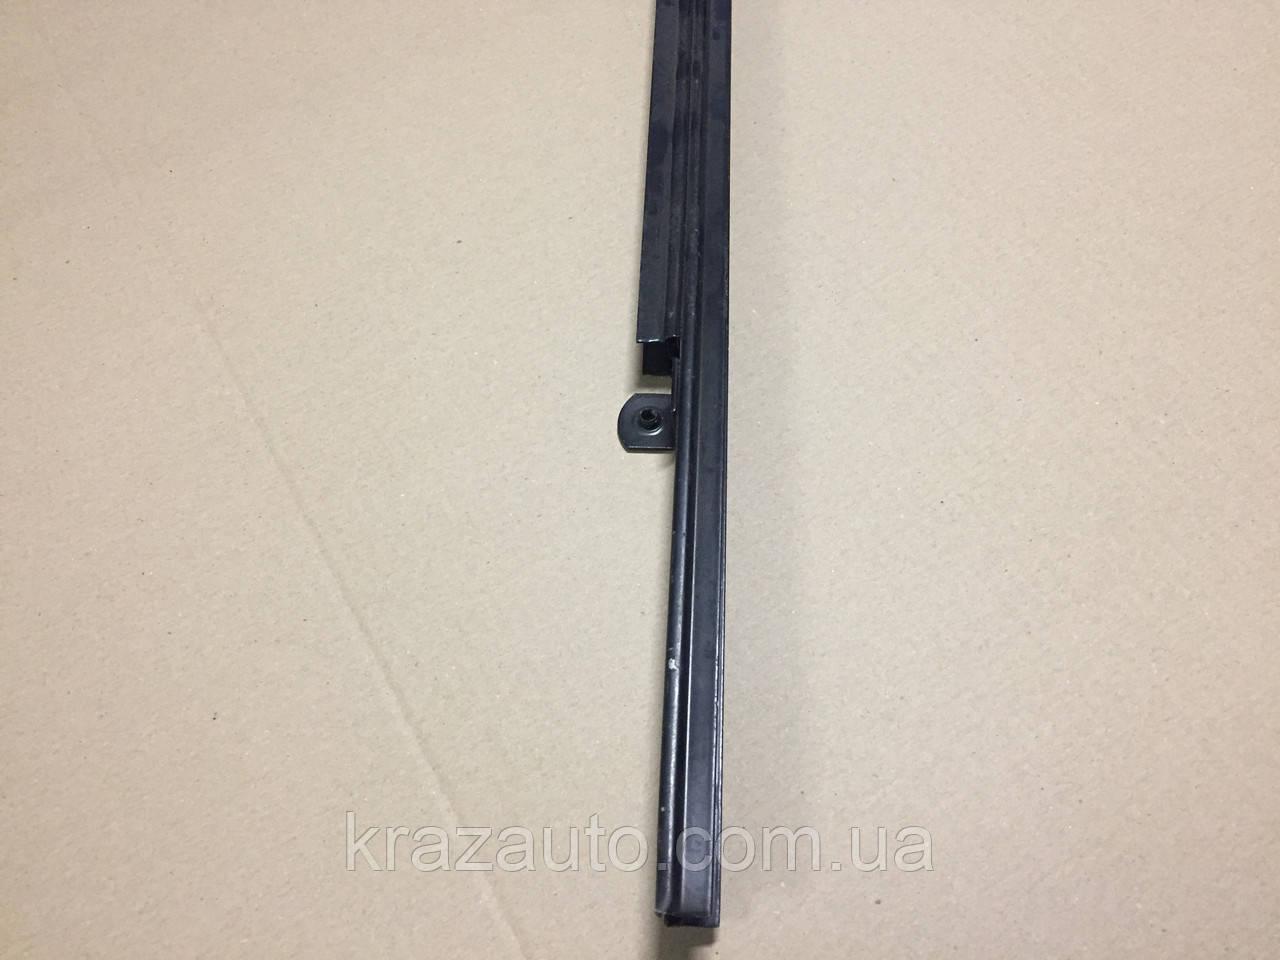 Стойка стекла двери МАЗ (левая) 5336-6103235